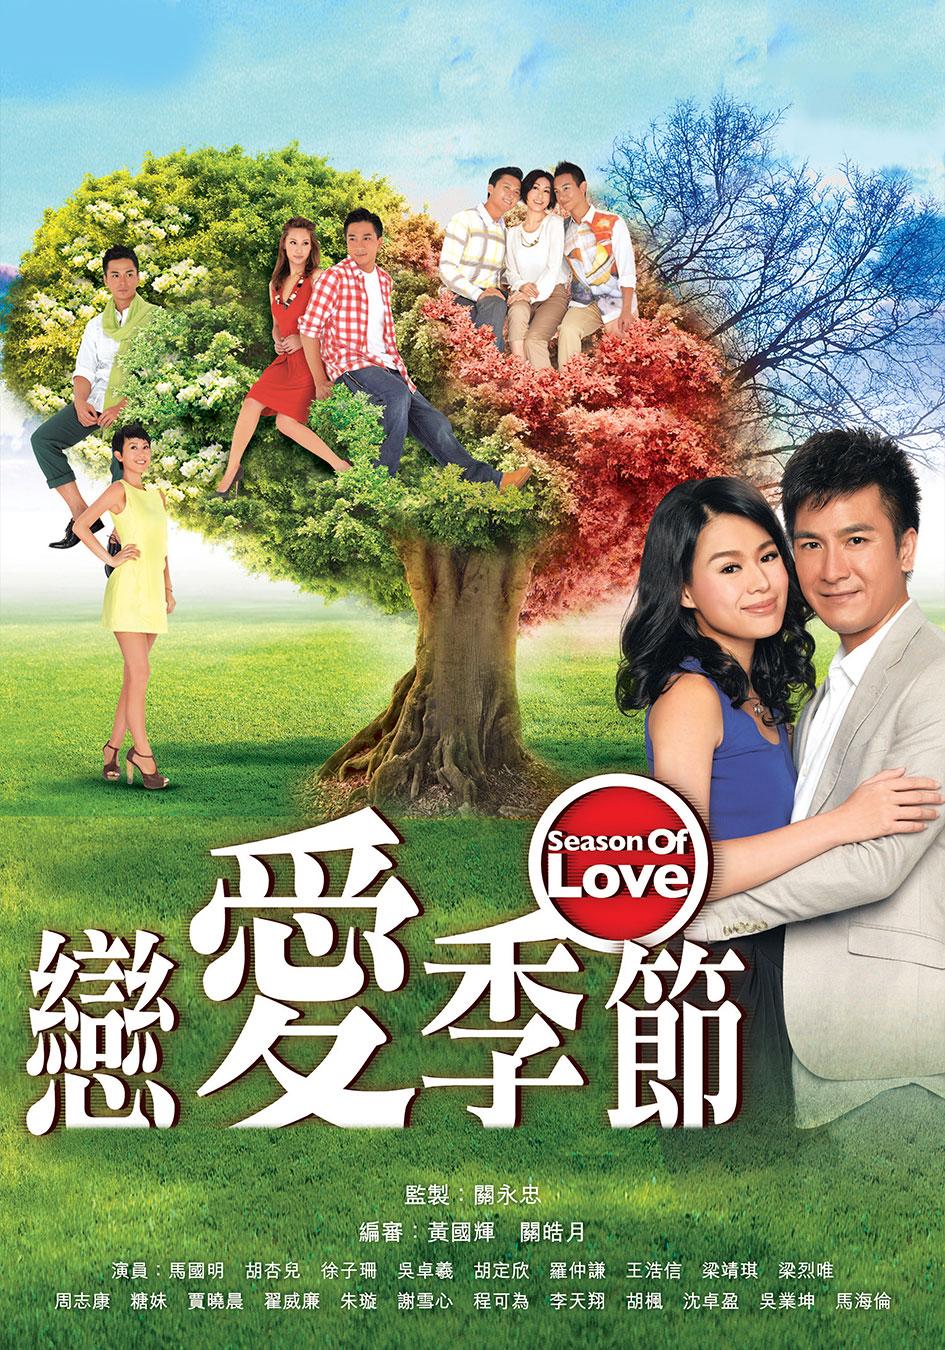 戀愛季節-Season of Love